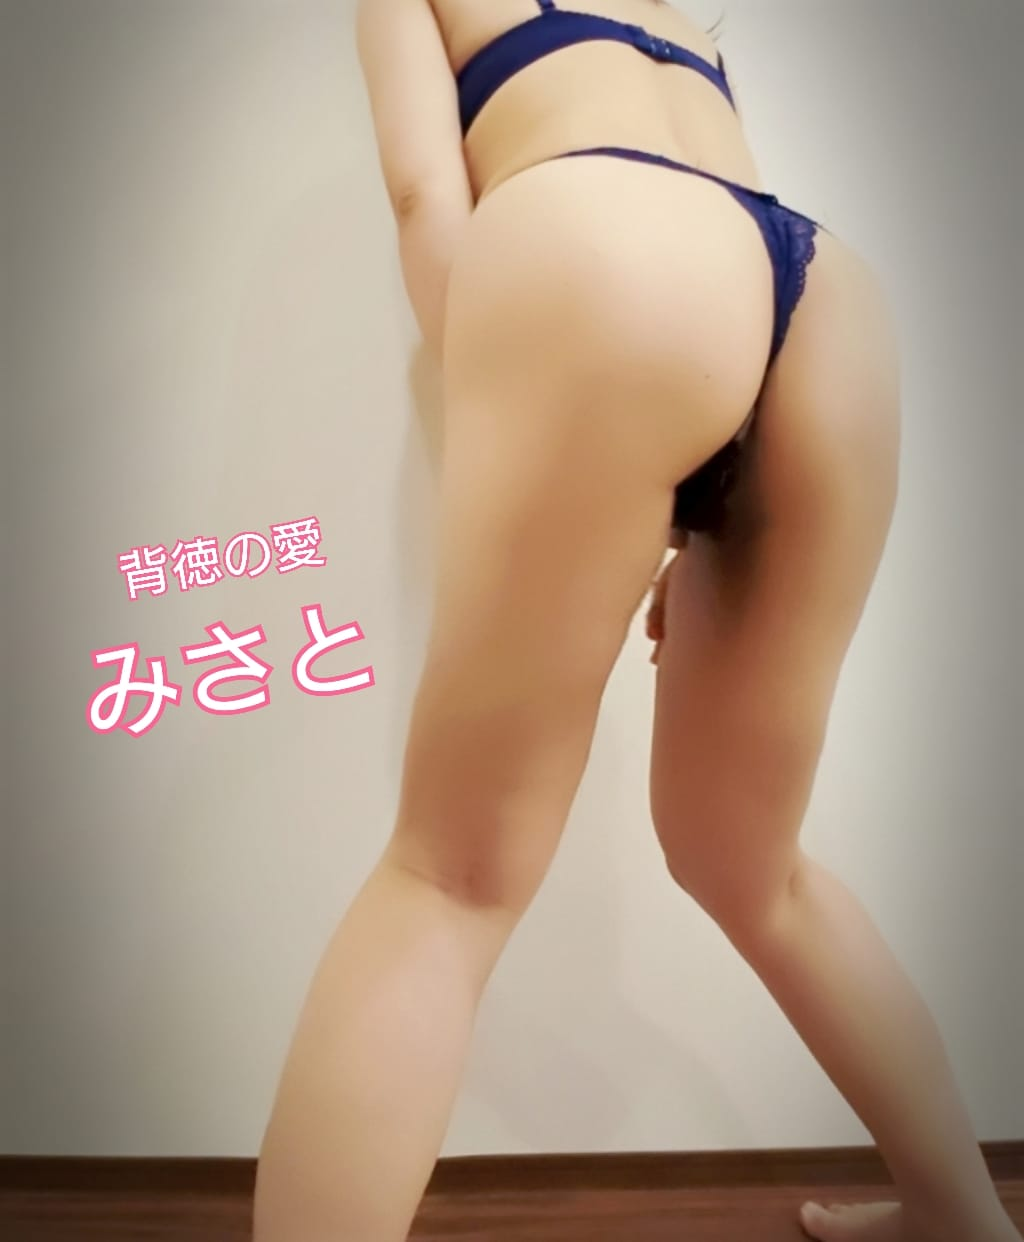 「Tバック派…☆」03/21(03/21) 20:10 | みさと奥様の写メ・風俗動画